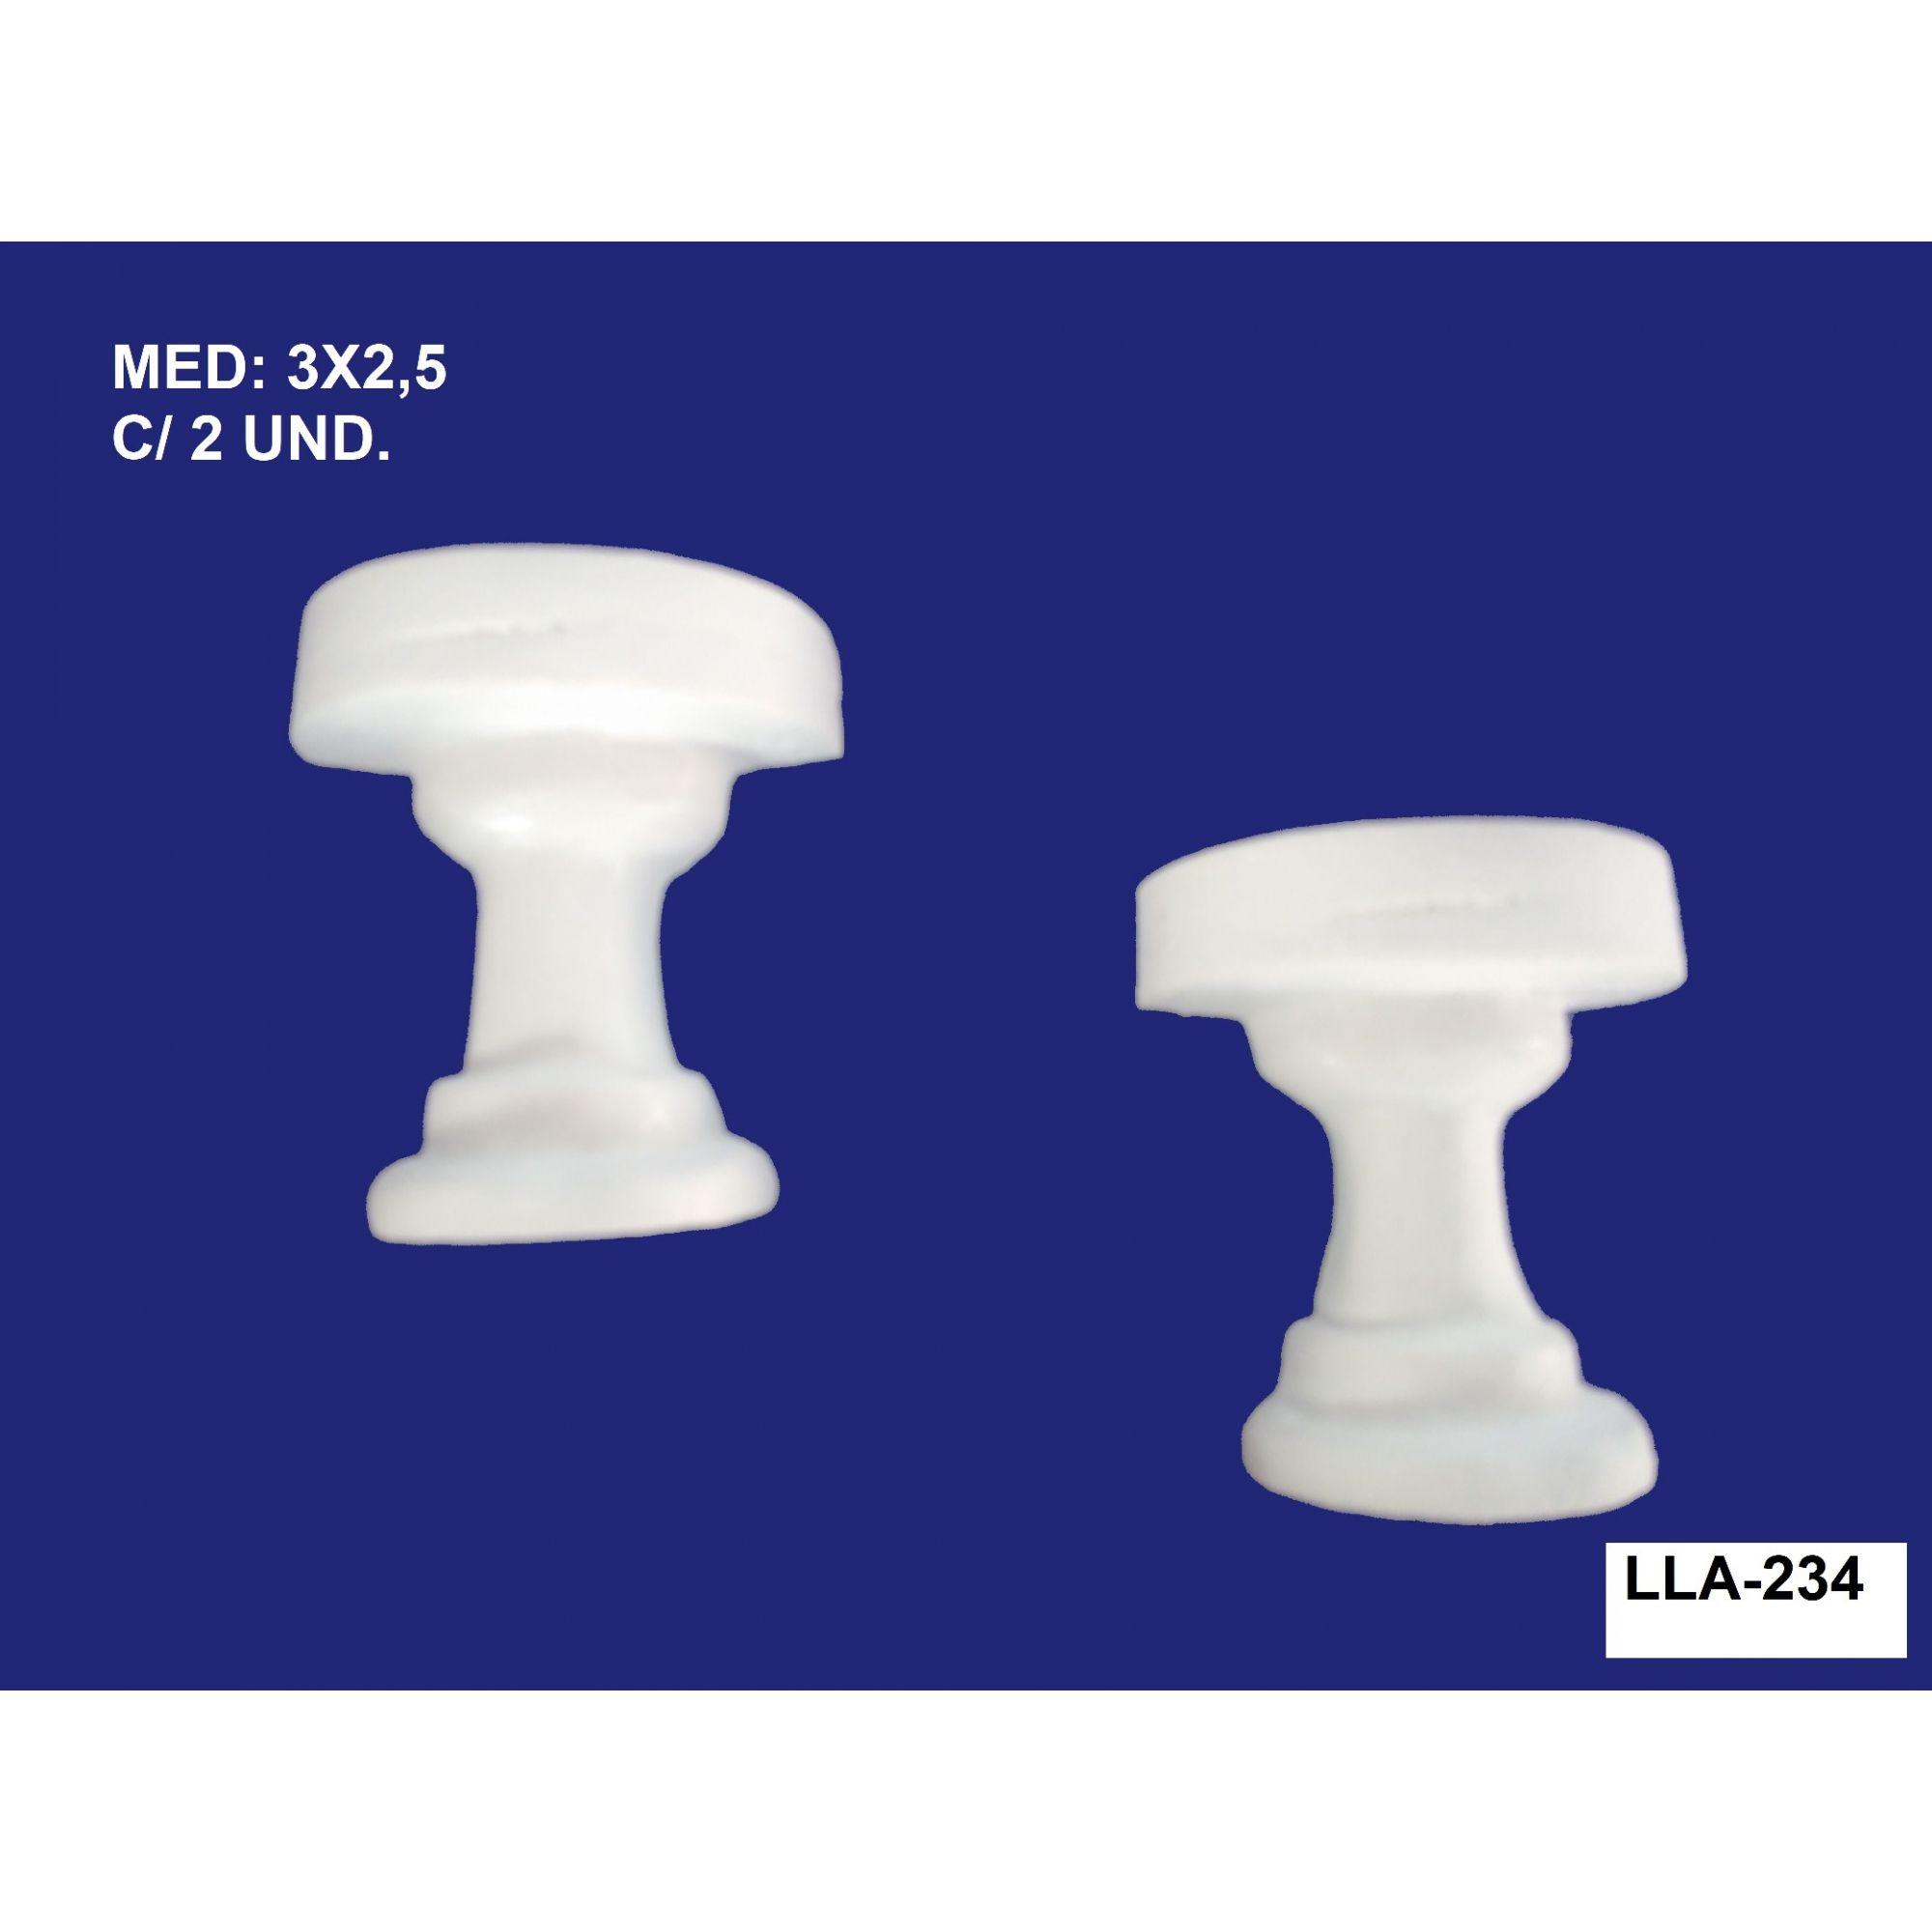 LLA-234 APLIQUE MESA PEQ. 03X2,5CM C/ 2 UND.